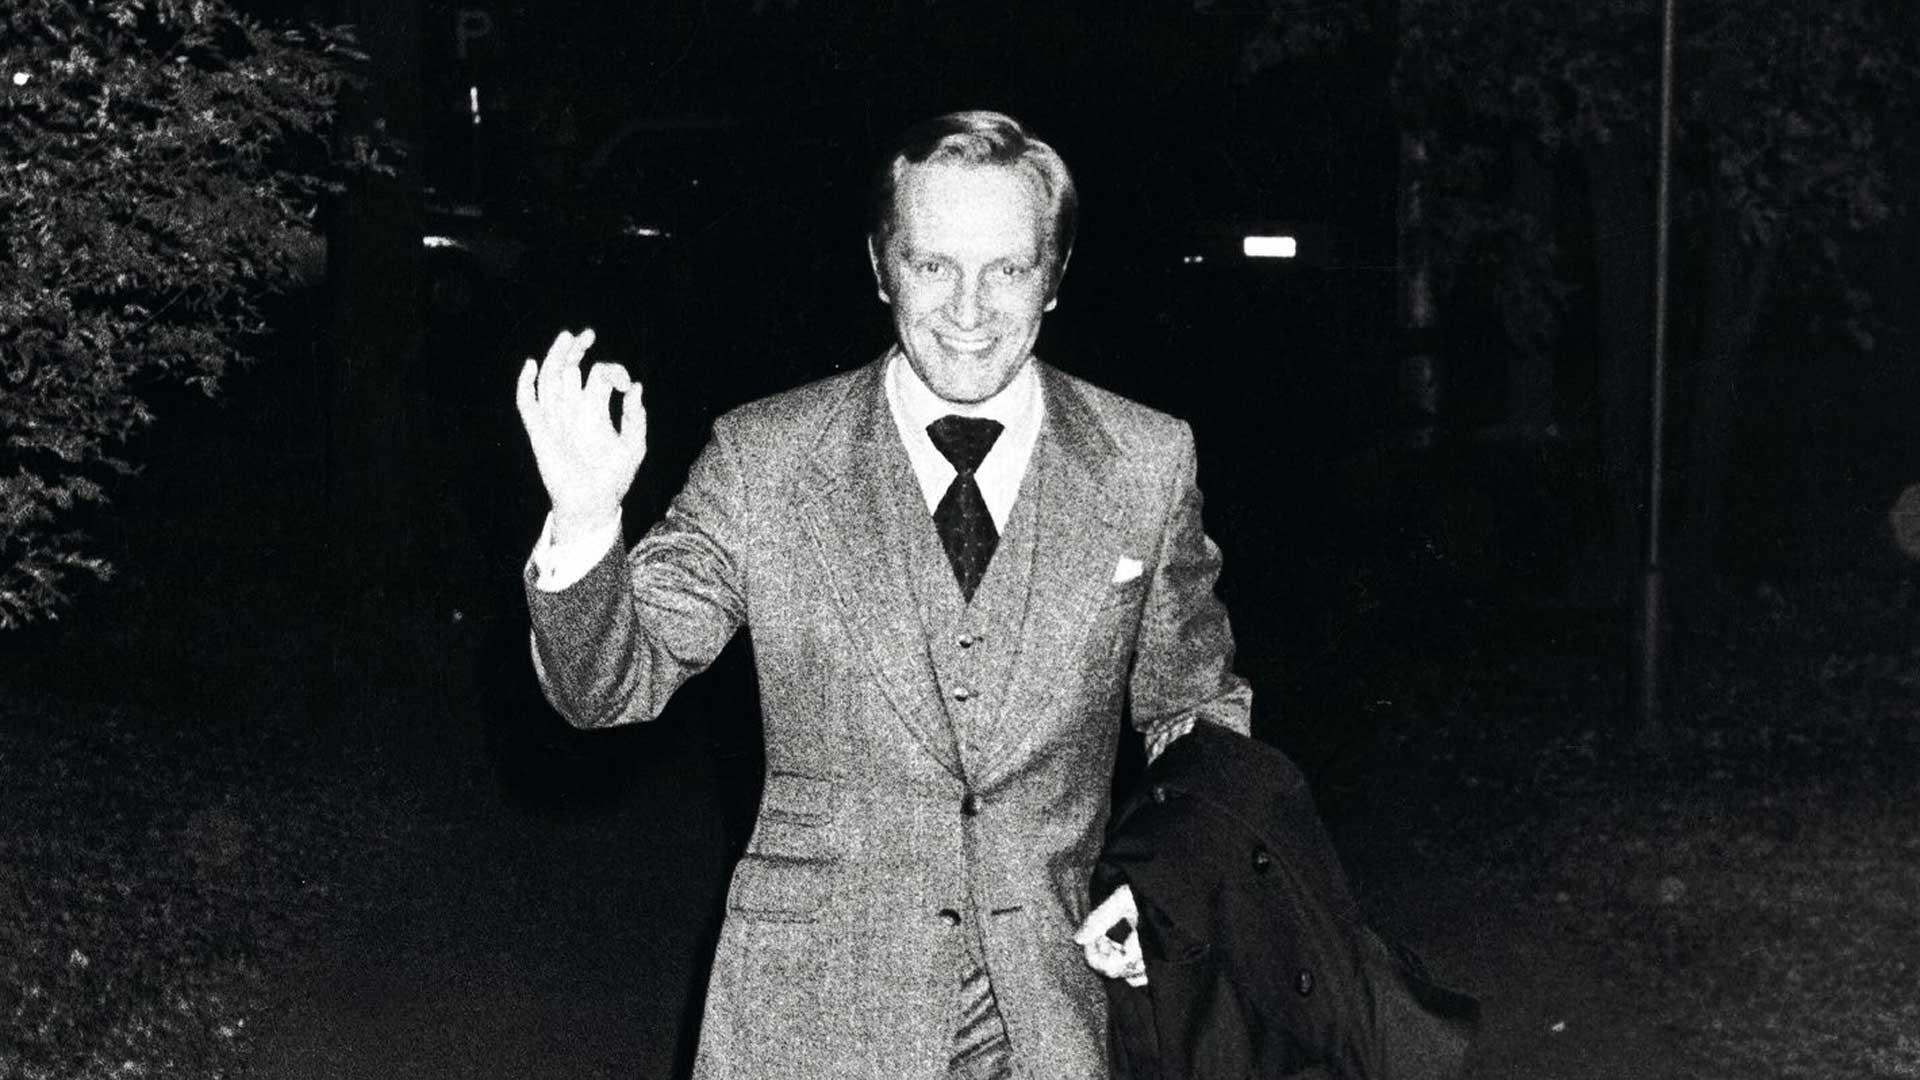 """Leveästi hymyilevää poliitikkoa pidettiin 1970- luvulla helposti jopa liian """"amerikkalaismaisena"""". Länsityyli sallittiin harvoille, kuten Harri Holkerille."""